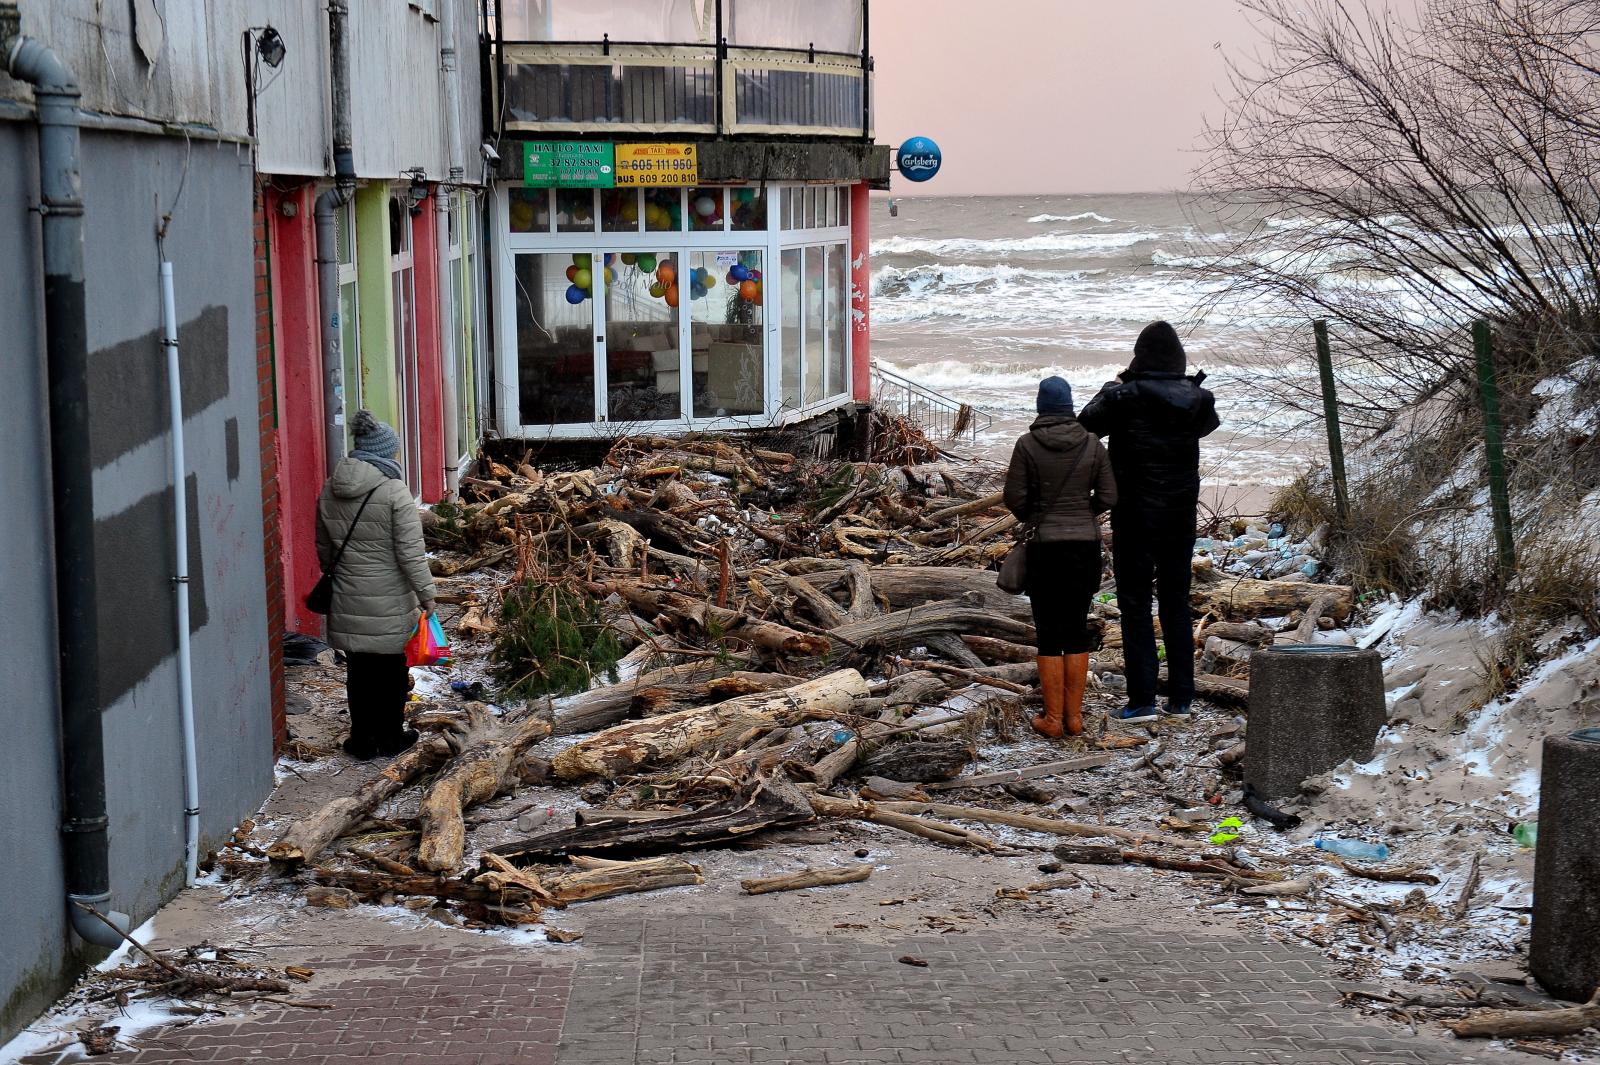 Zniszczenia na linii brzegowej z Bałtykiem po sztormie. Fot. PAP/Marcin Bielecki